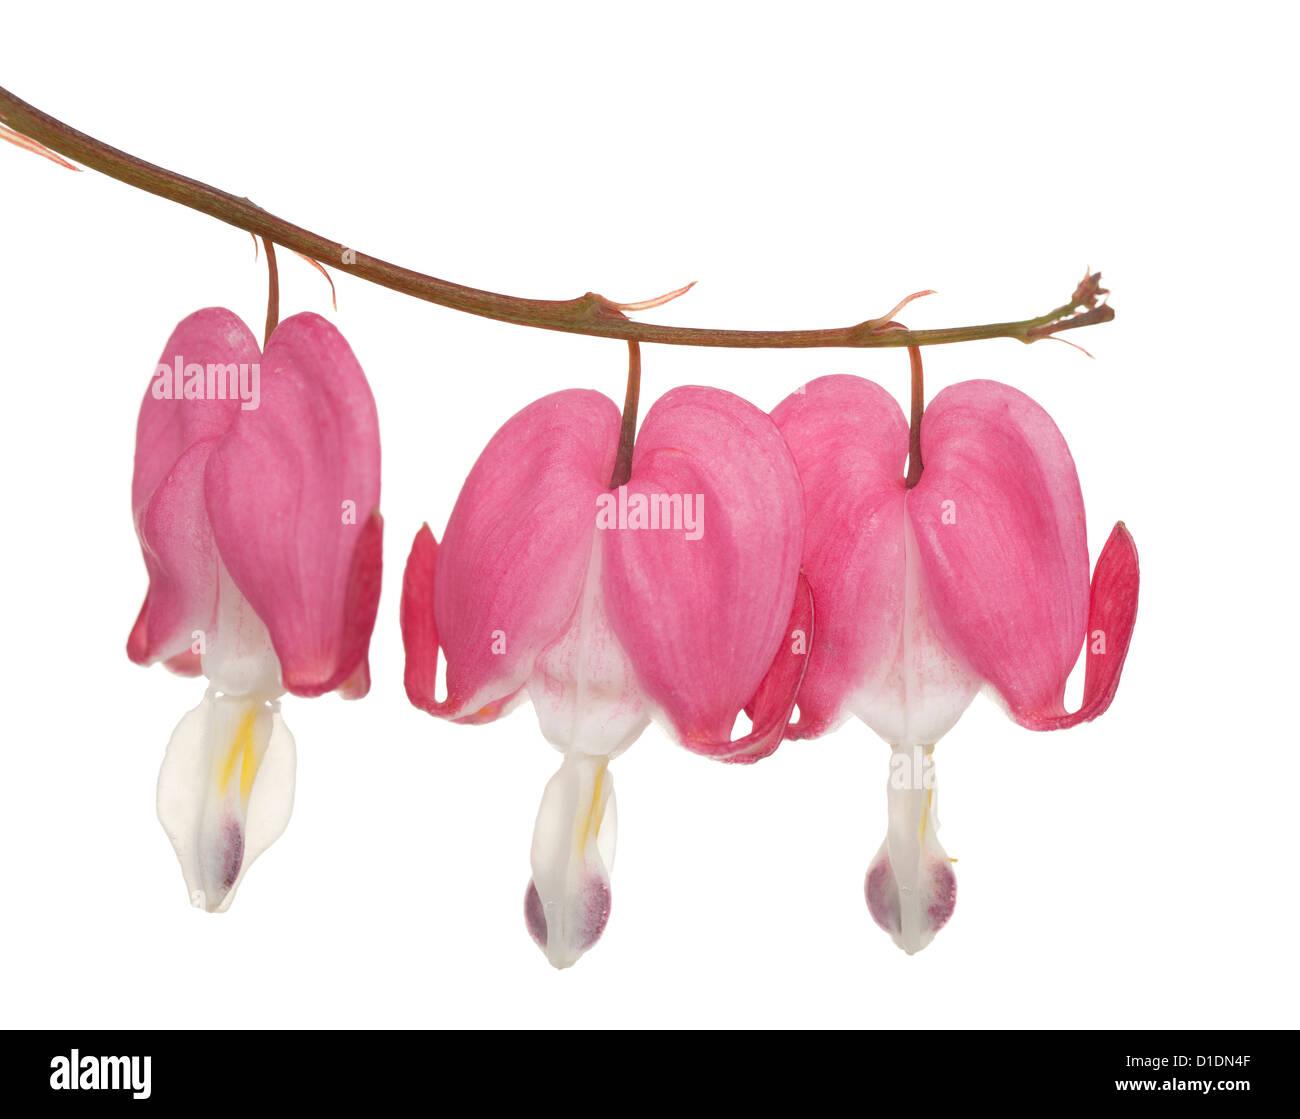 flower in heart shape (Lamprocapnos spectabilis) on white - Stock Image